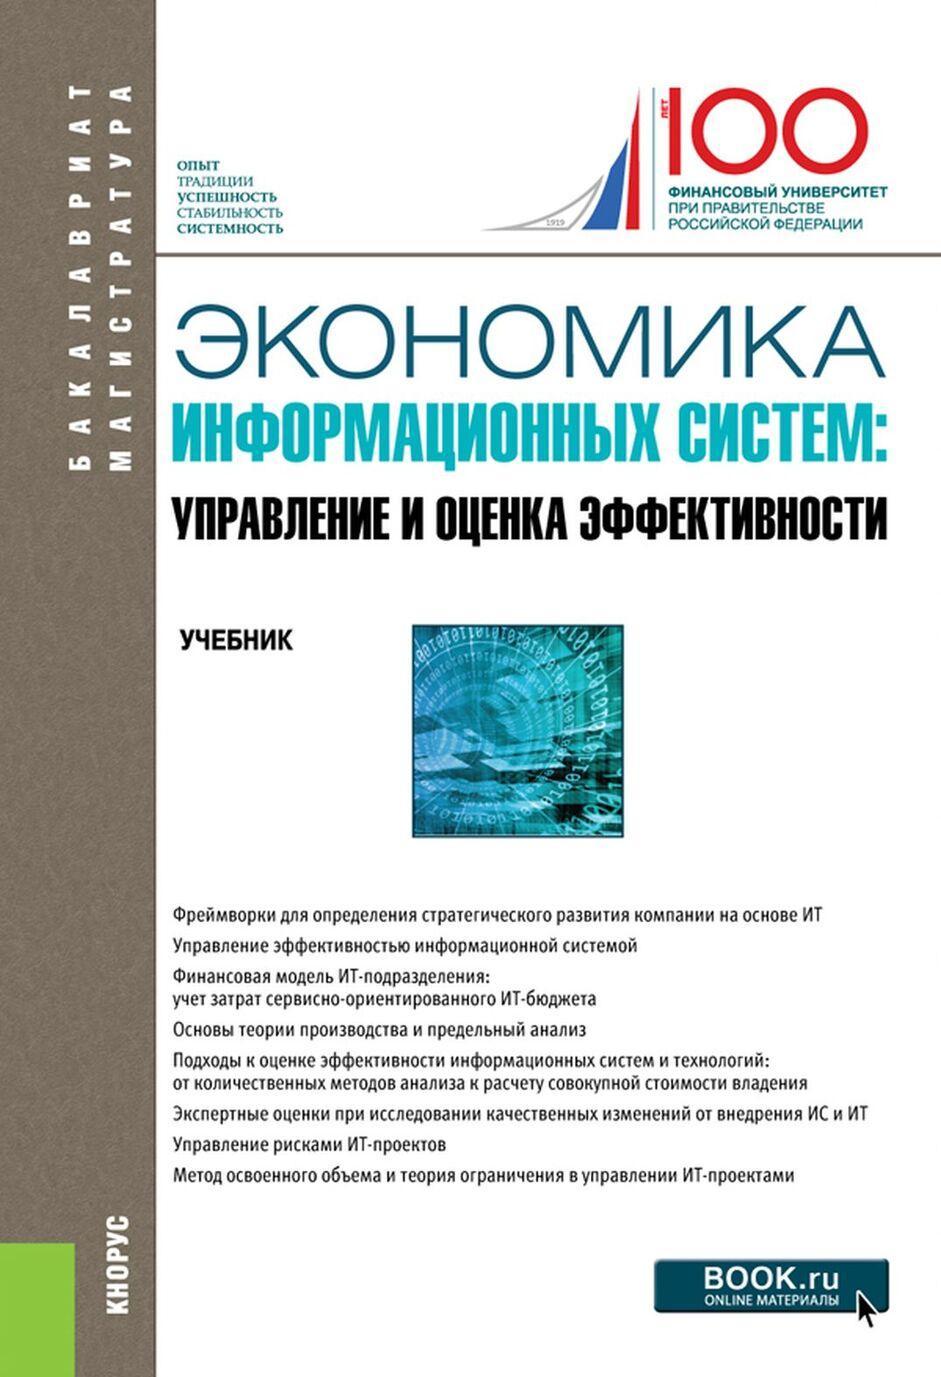 Ekonomika informatsionnykh sistem. Upravlenie i otsenka effektivnosti. Uchebnik | Vasileva Elena Viktorovna, Altukhova Natalja Faridovna